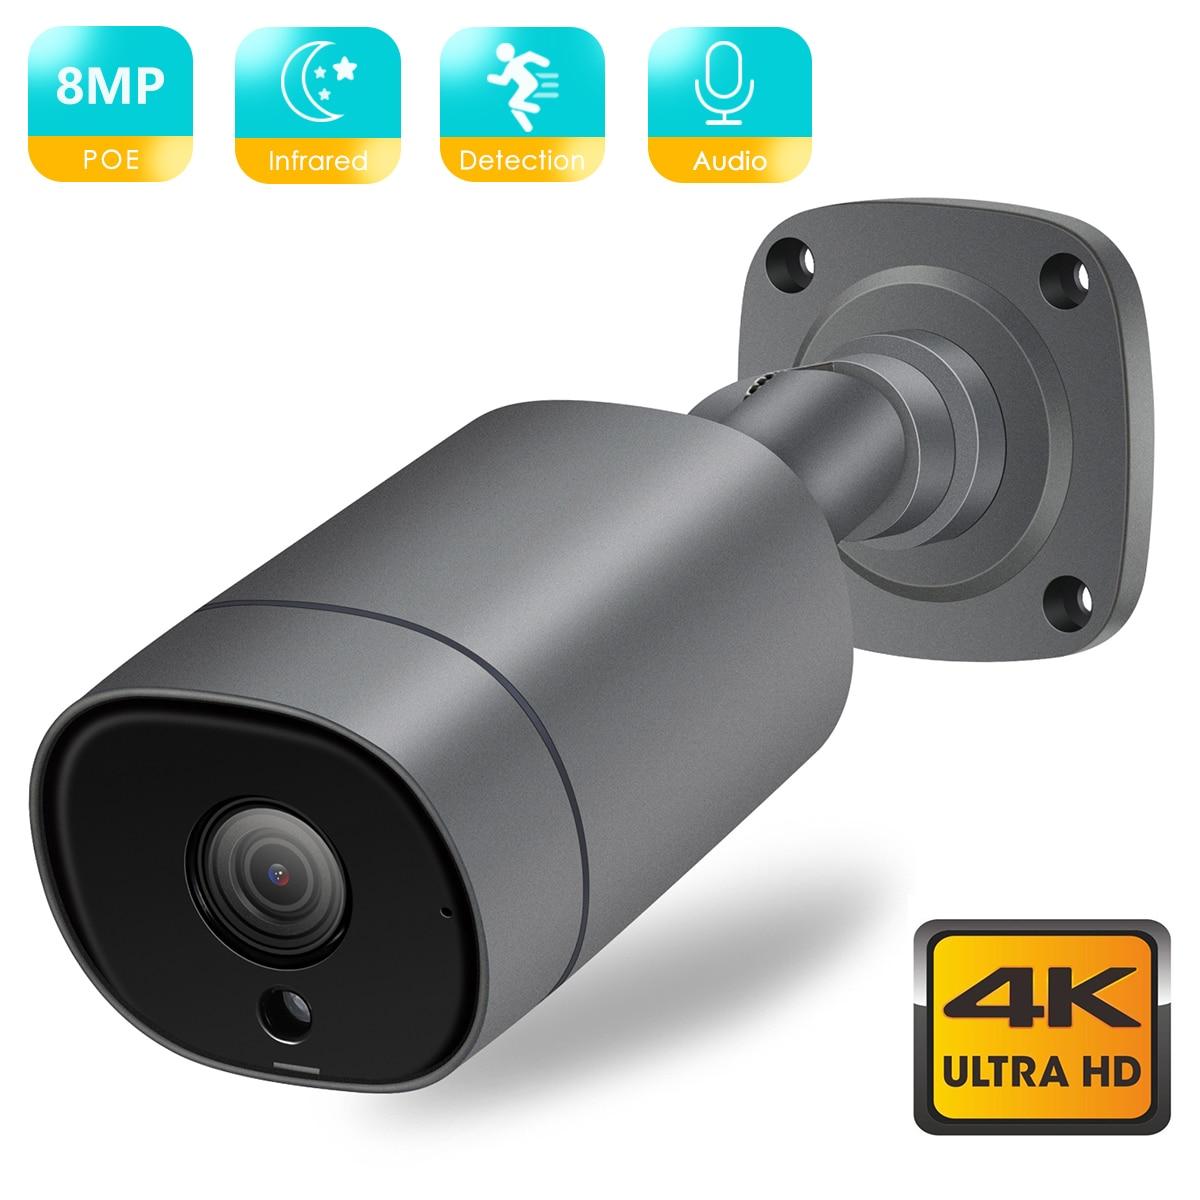 BSDER 4K 8MP IP Camera 4MP Ultra HD POE Audio Motion Detection Alert Bullet Outdoor Video Surveillance Camera IR Night Vision